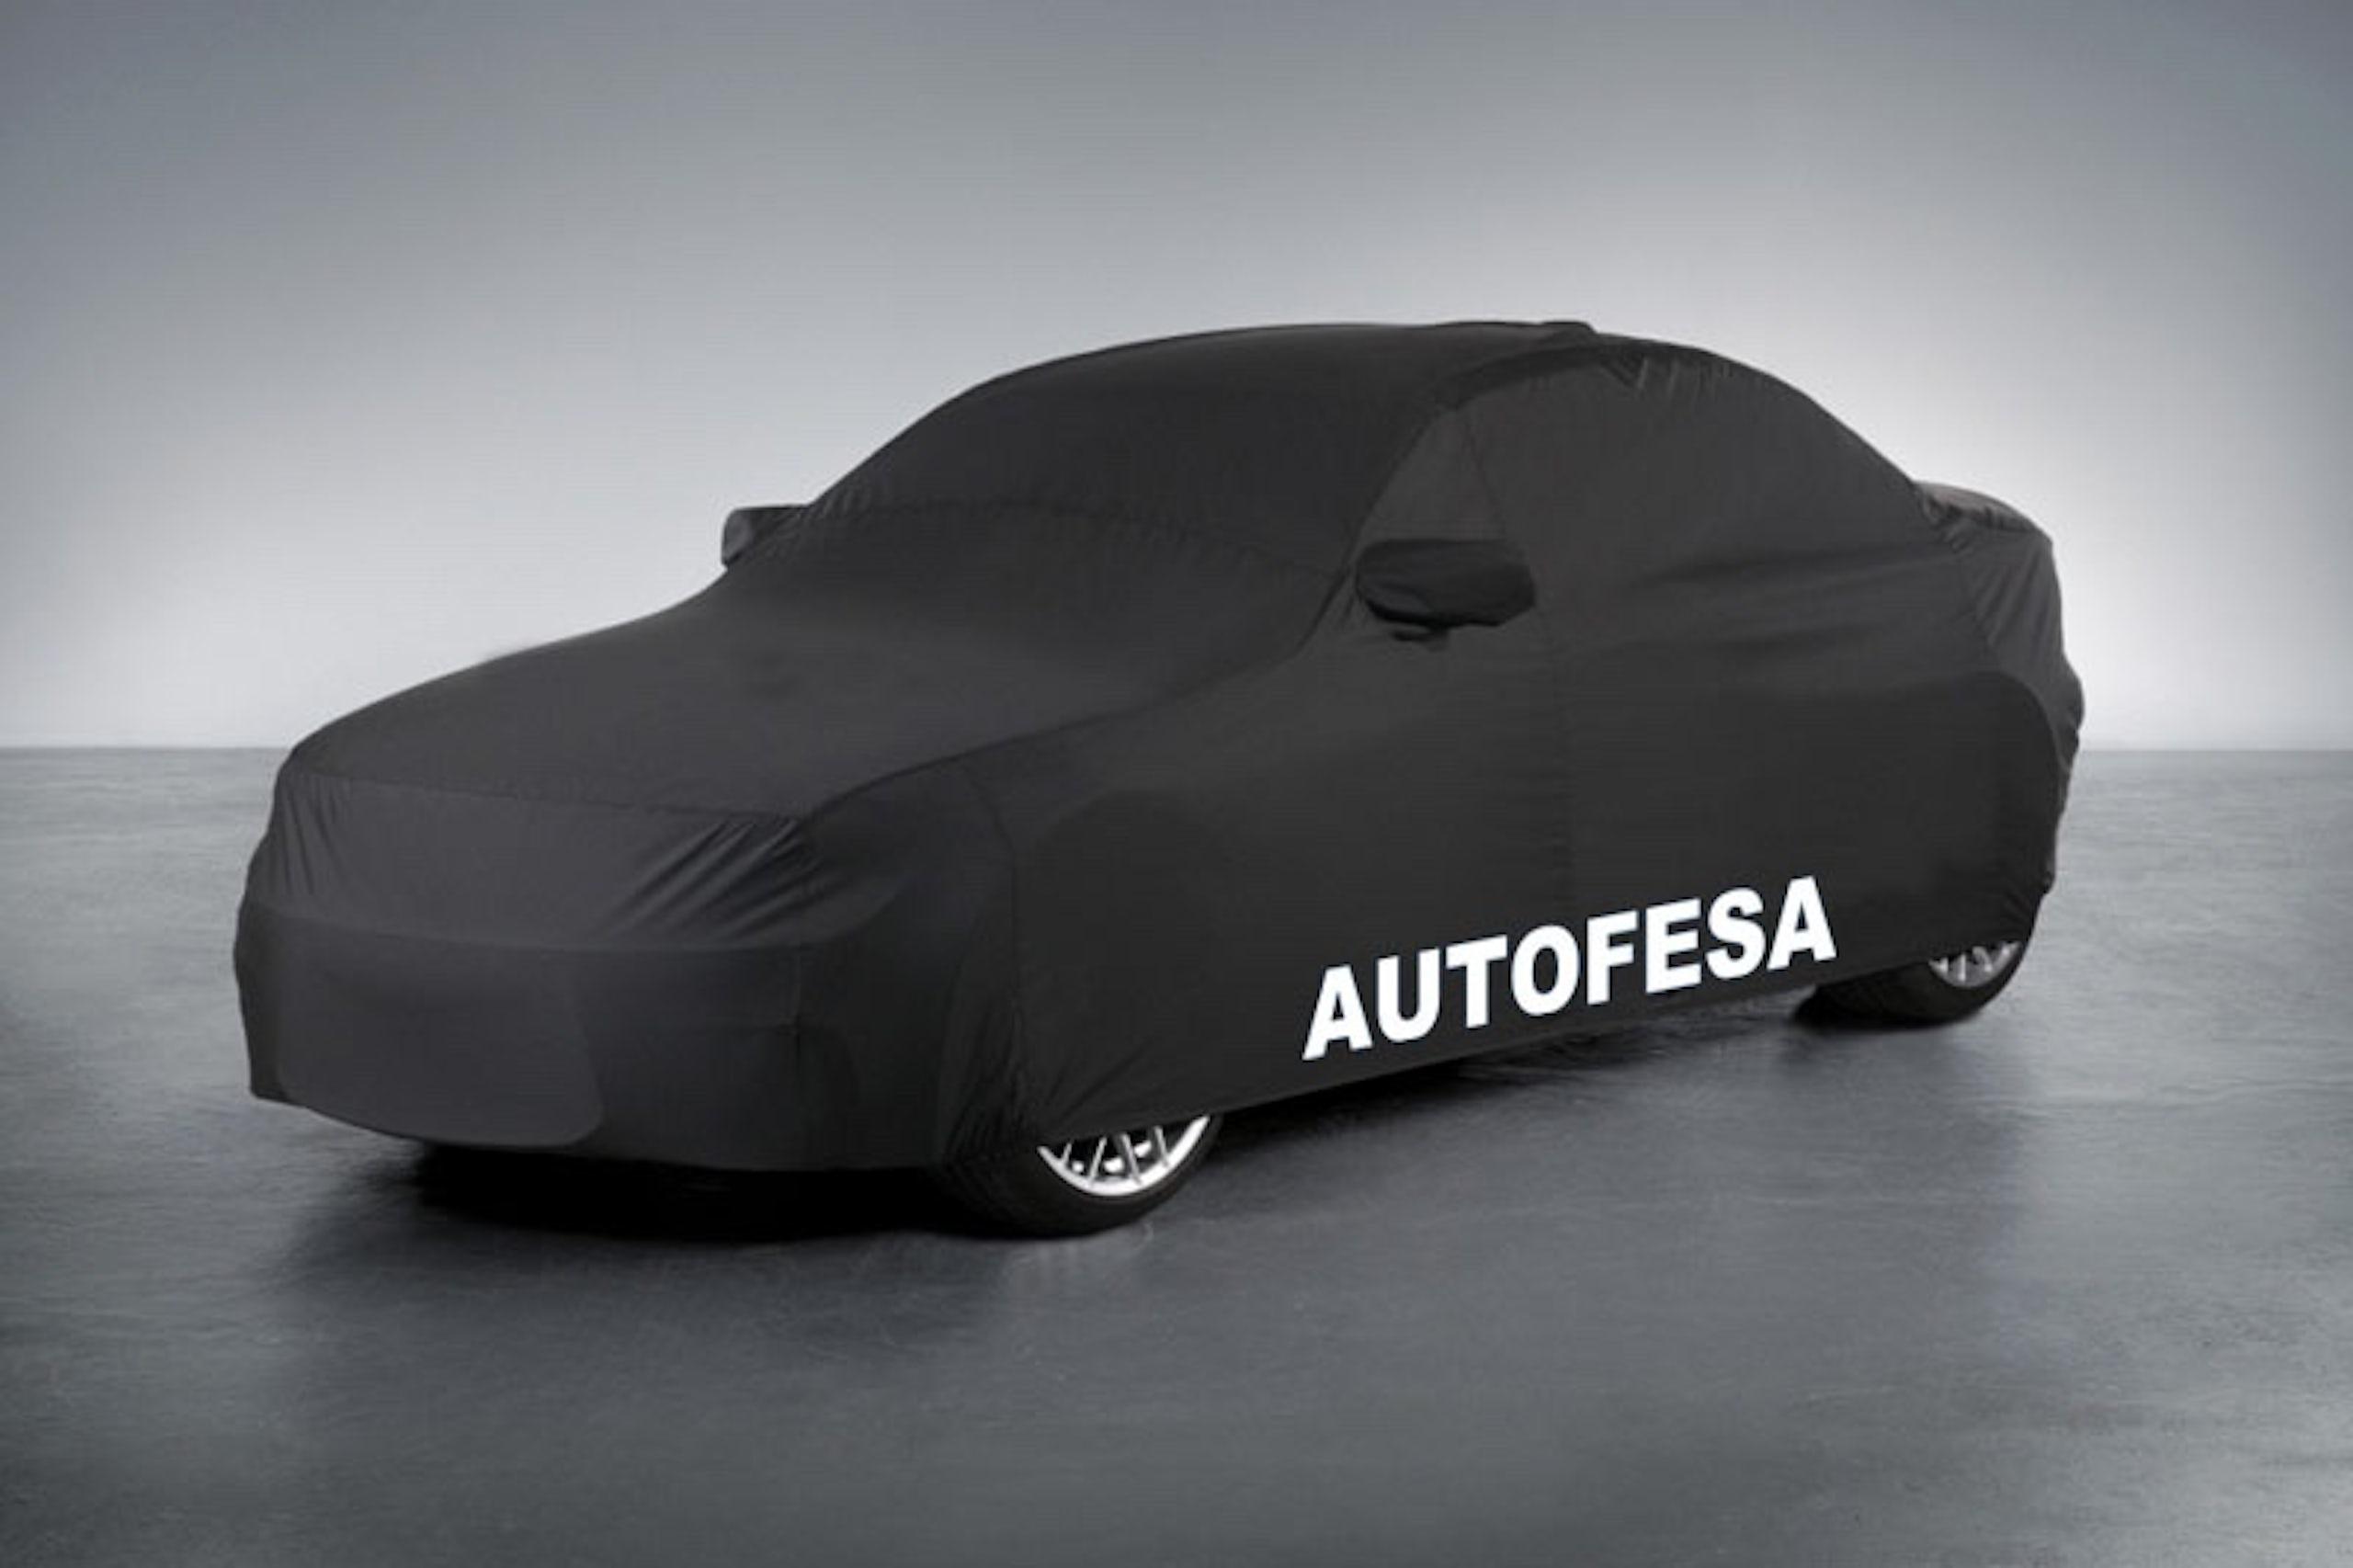 Audi A4 Avant 2.0 TDI 150cv Auto 5p S/S - Foto 22